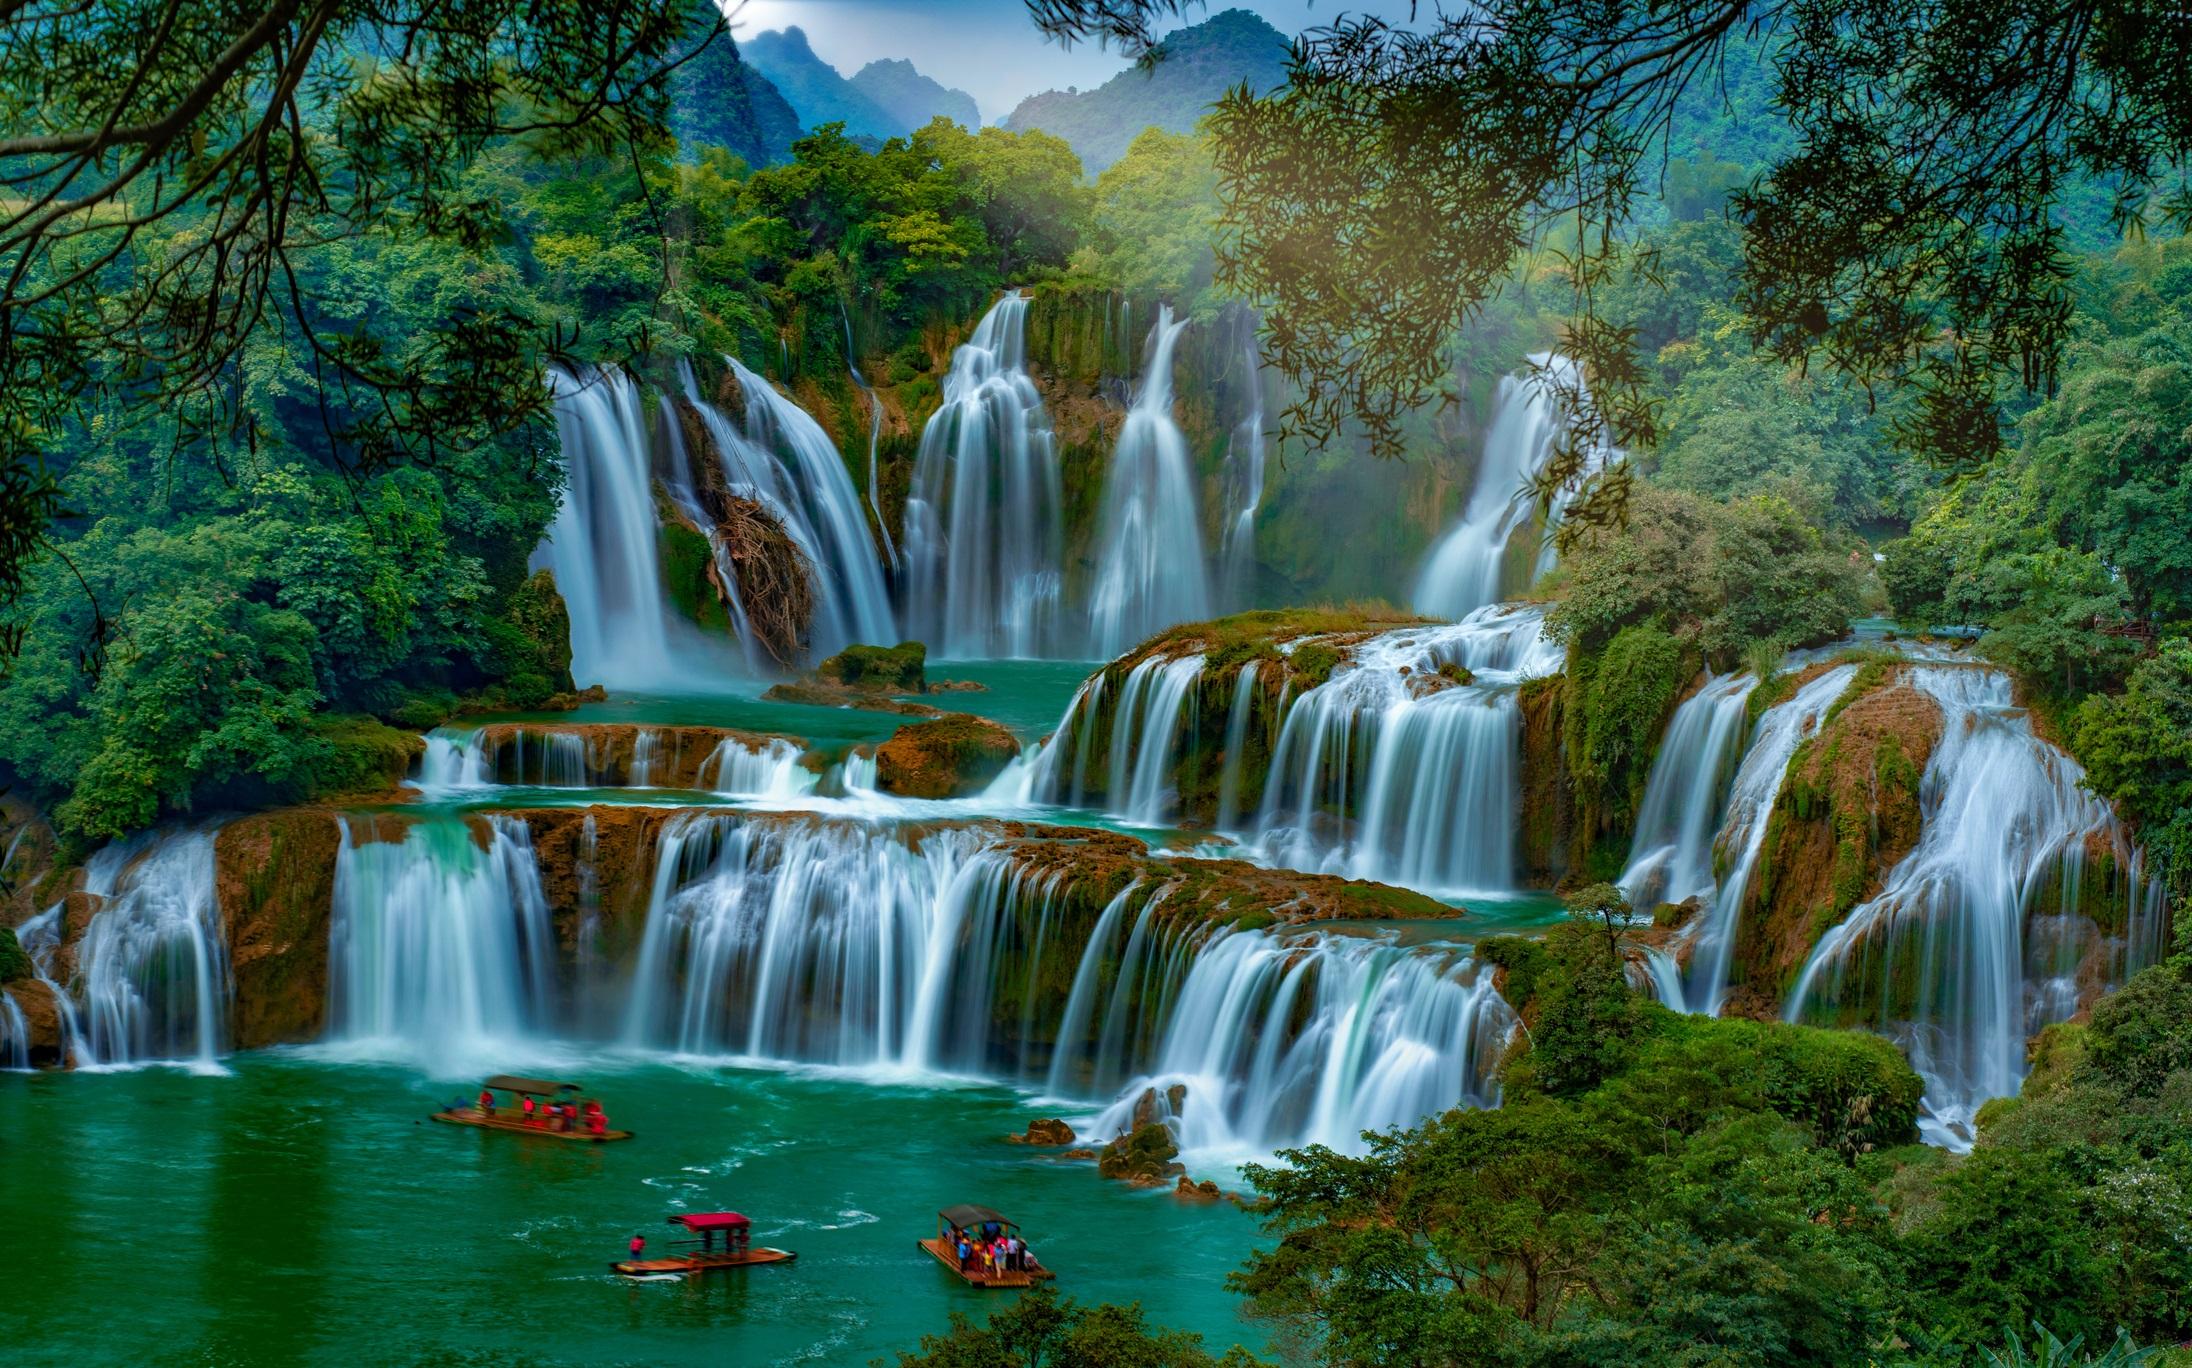 <p><strong>Детиан, Китай и Виетнам</strong></p>  <p>Той се намира на границата между Китай и Виетнам: водопадът Детиан по течението на река Гуичун. На това място водите преминават през множество отвесни скали, високи до 50 метра. Ширината на Детиан достига 300 метра. Тази природна забележителност привлича и с приказната красота на местността около водопадите.</p>